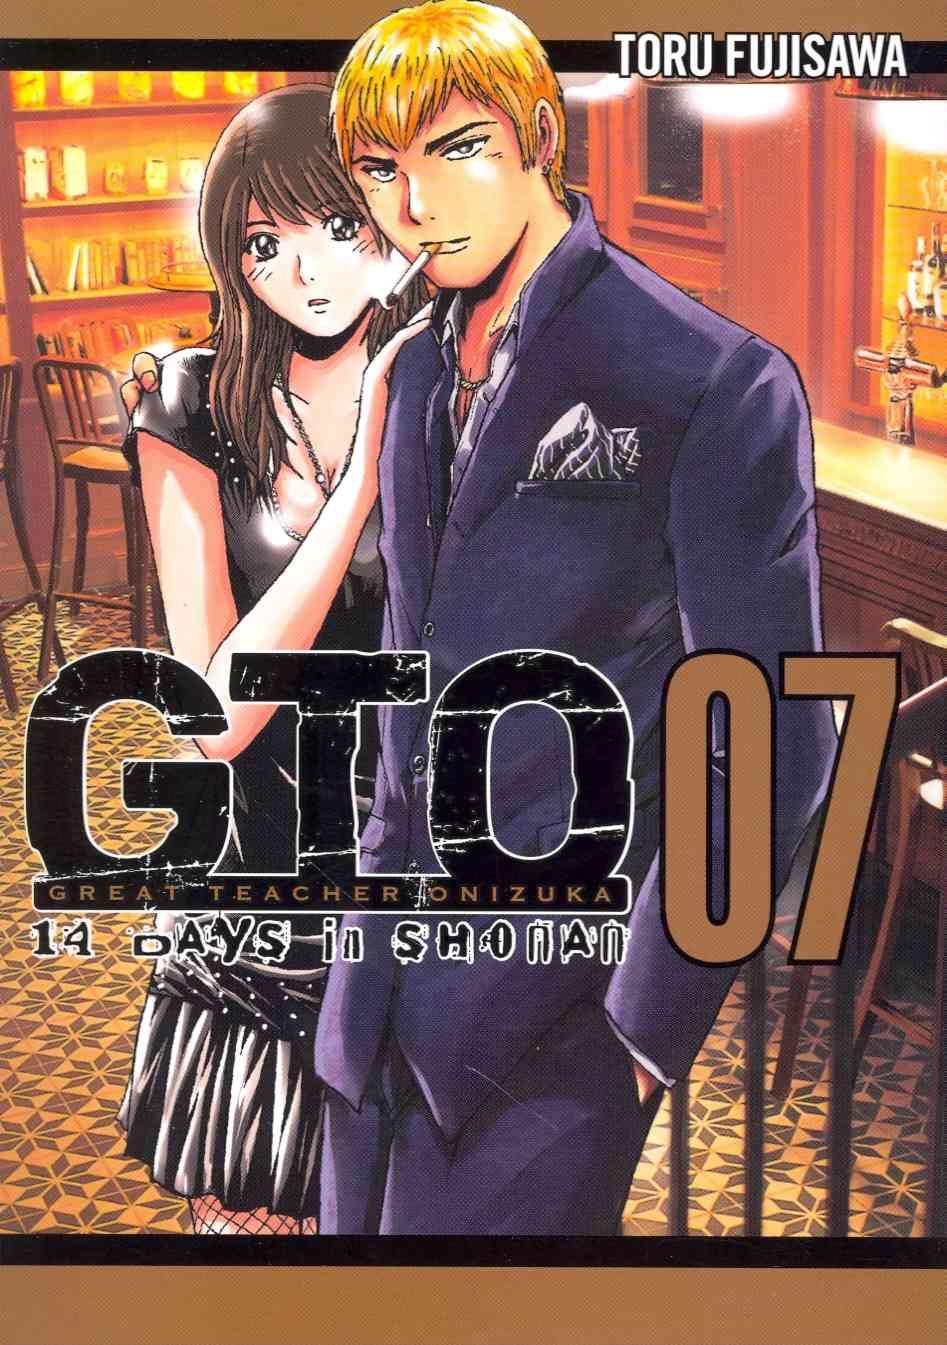 Gto 14 Days in Shonan 7 (Paperback)